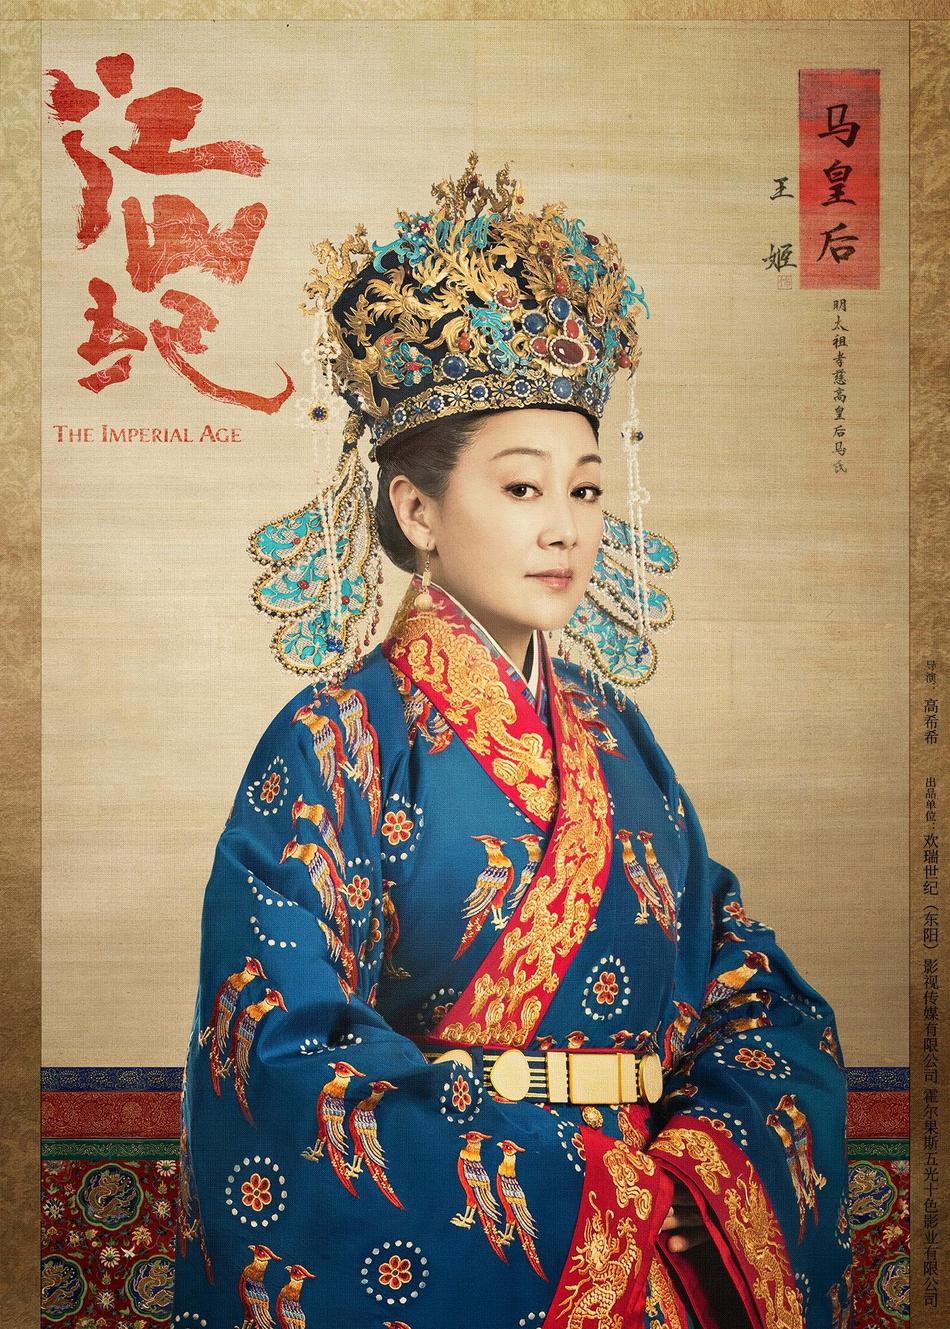 《江山纪》王姬饰马皇后